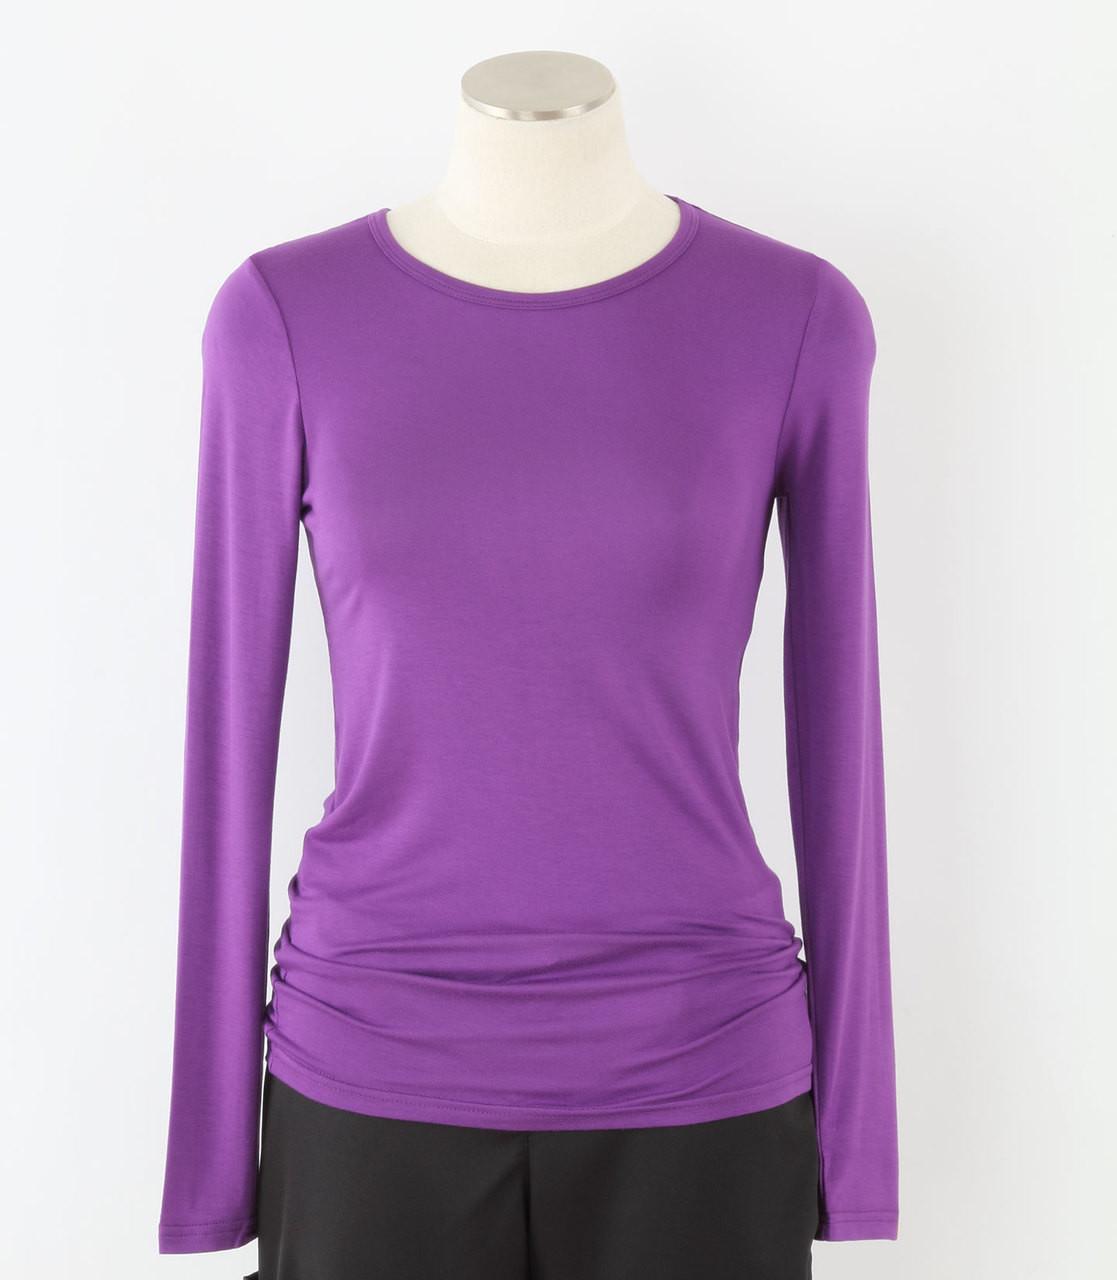 21b7f10efab WonderWink Womens Long Sleeve Tee Electric Violet